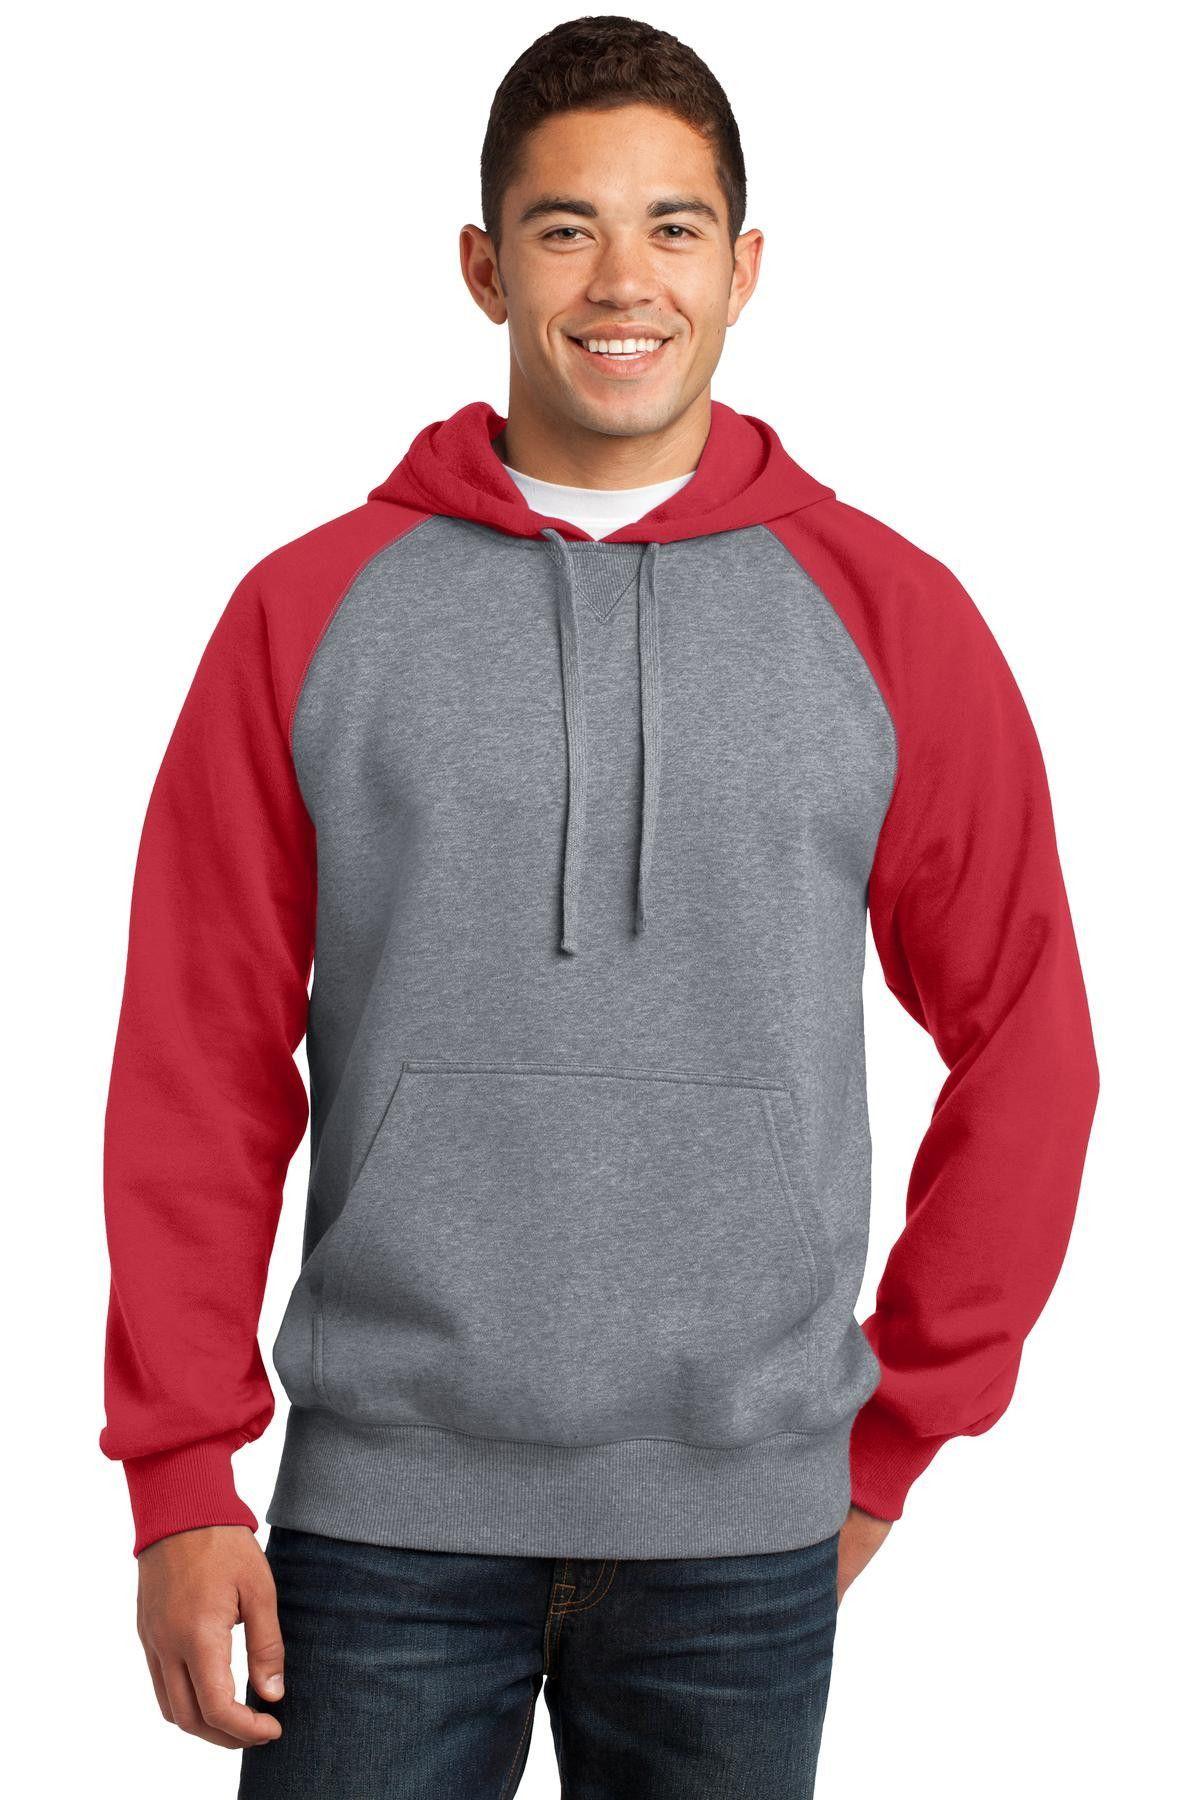 SportTek Raglan Colorblock Pullover Hooded Sweatshirt